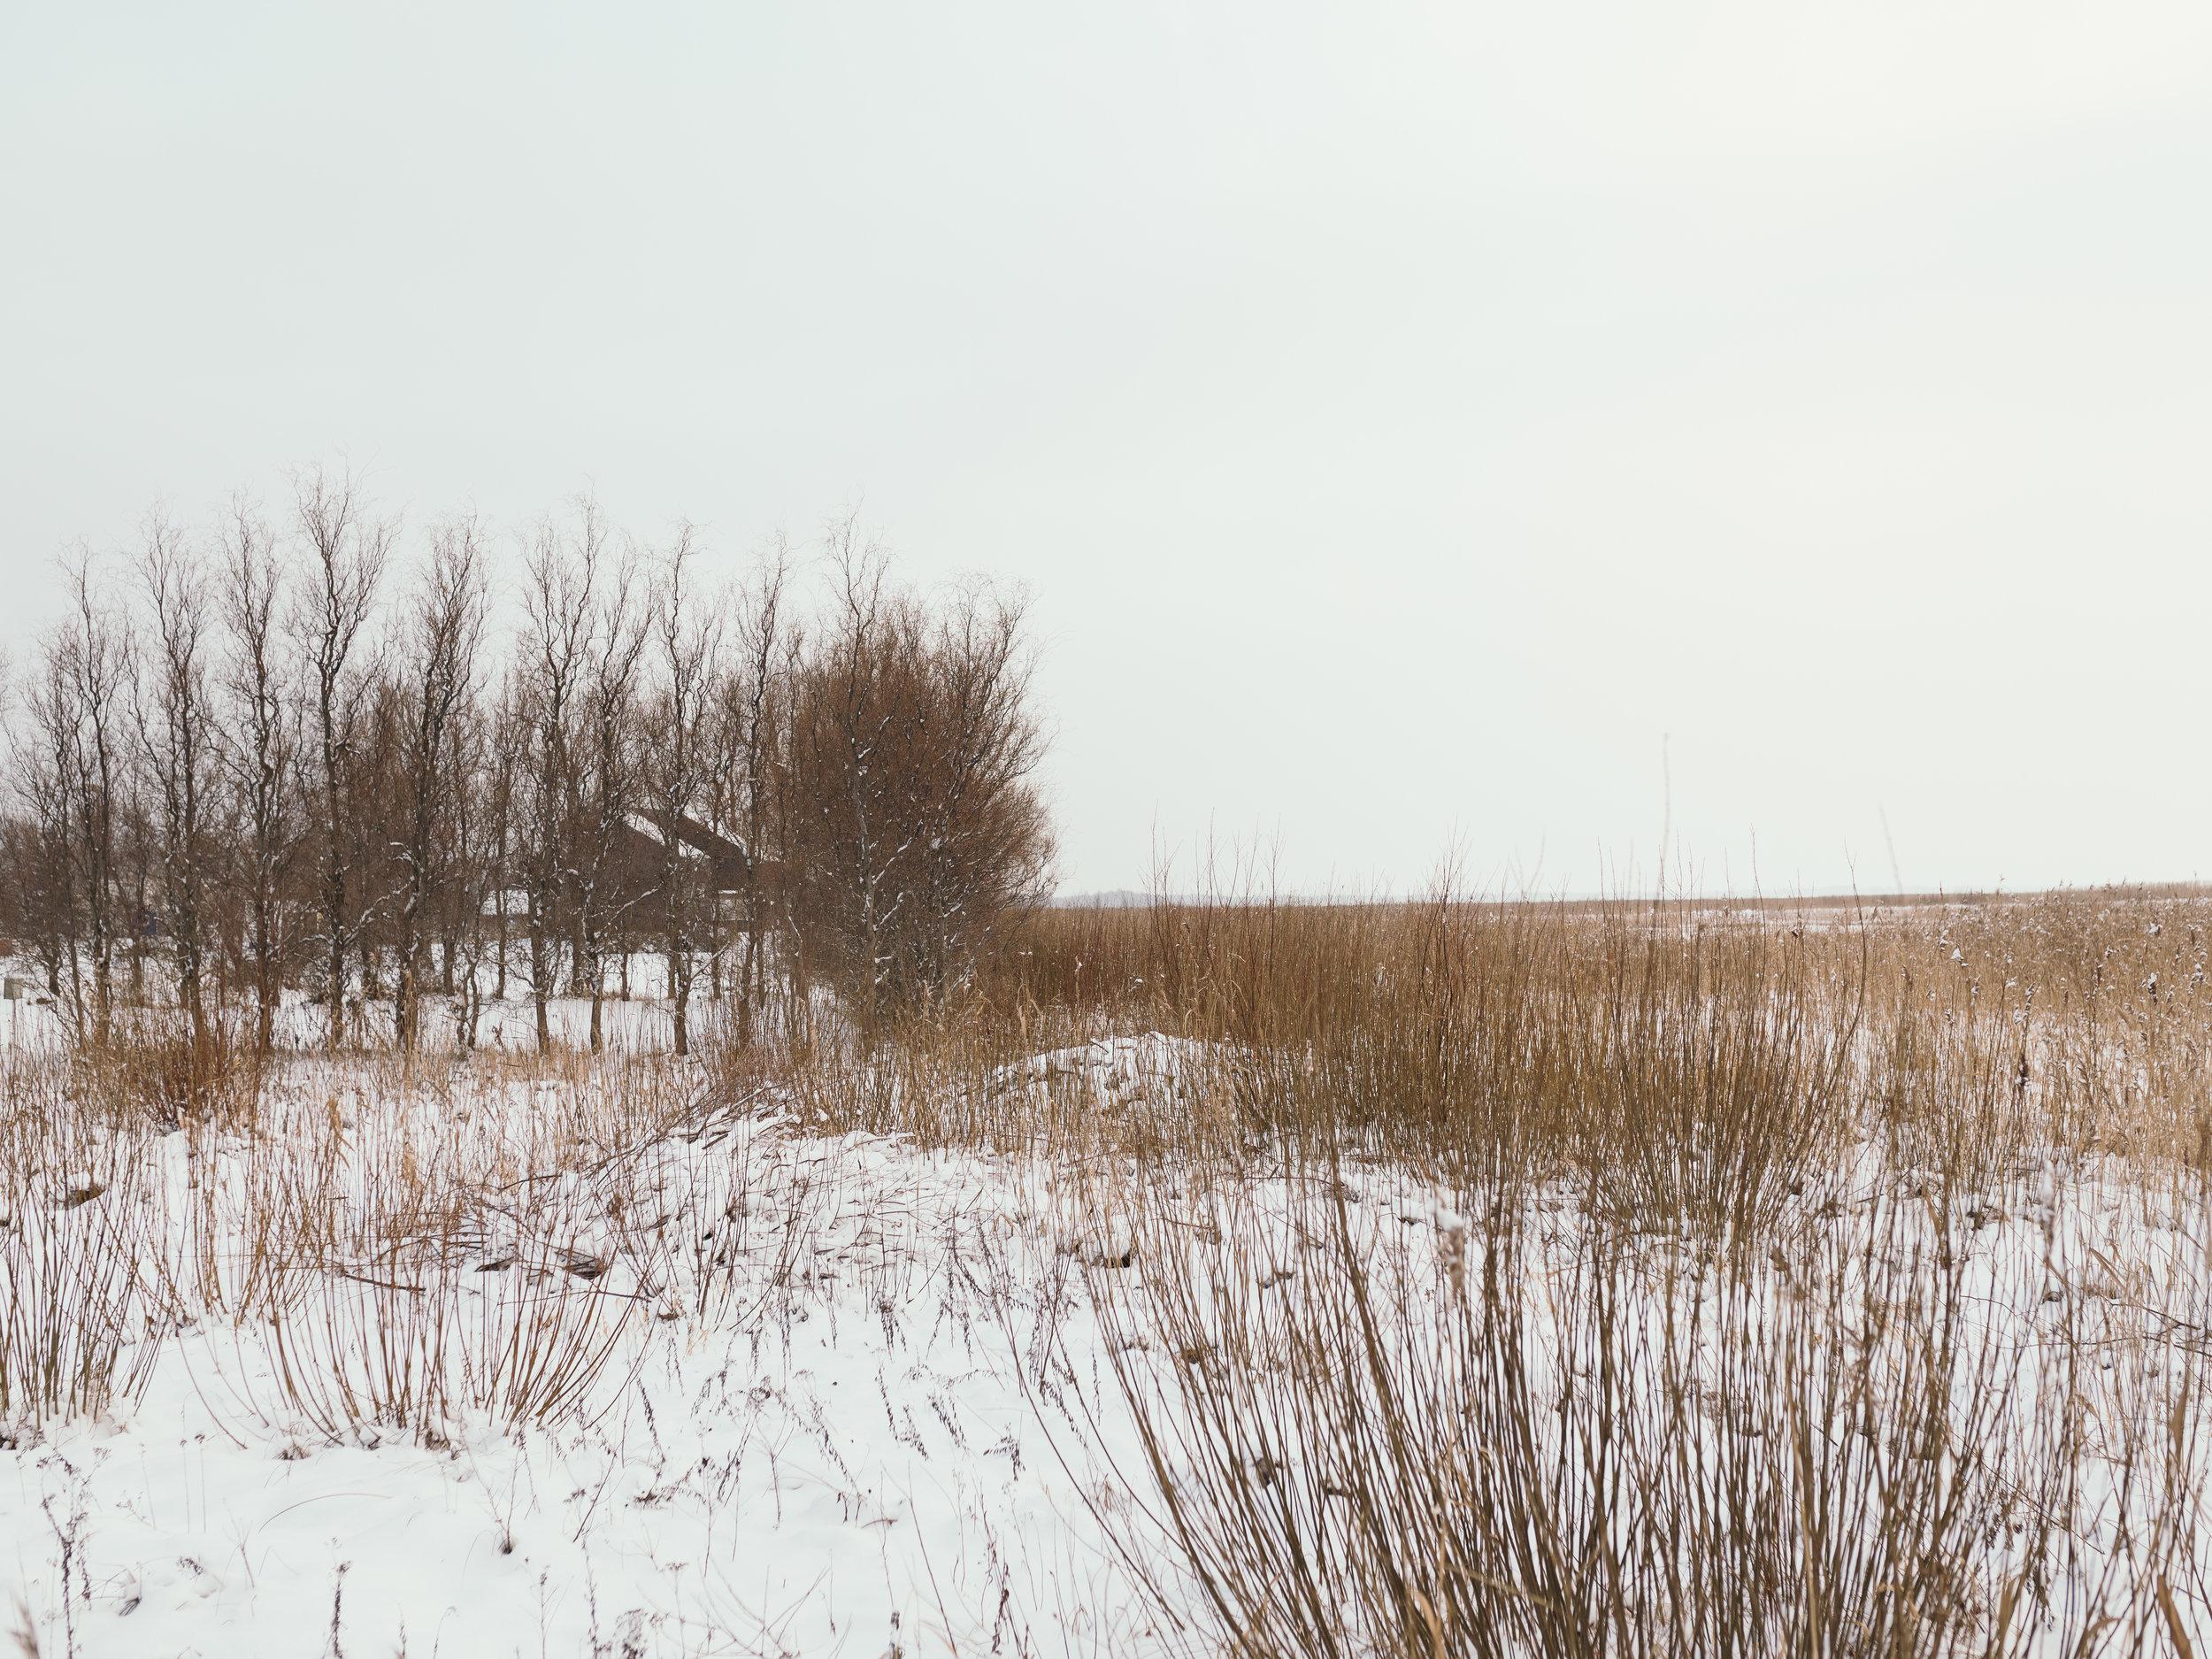 Jõesuu, Tartumaa, Estonia, December 2018